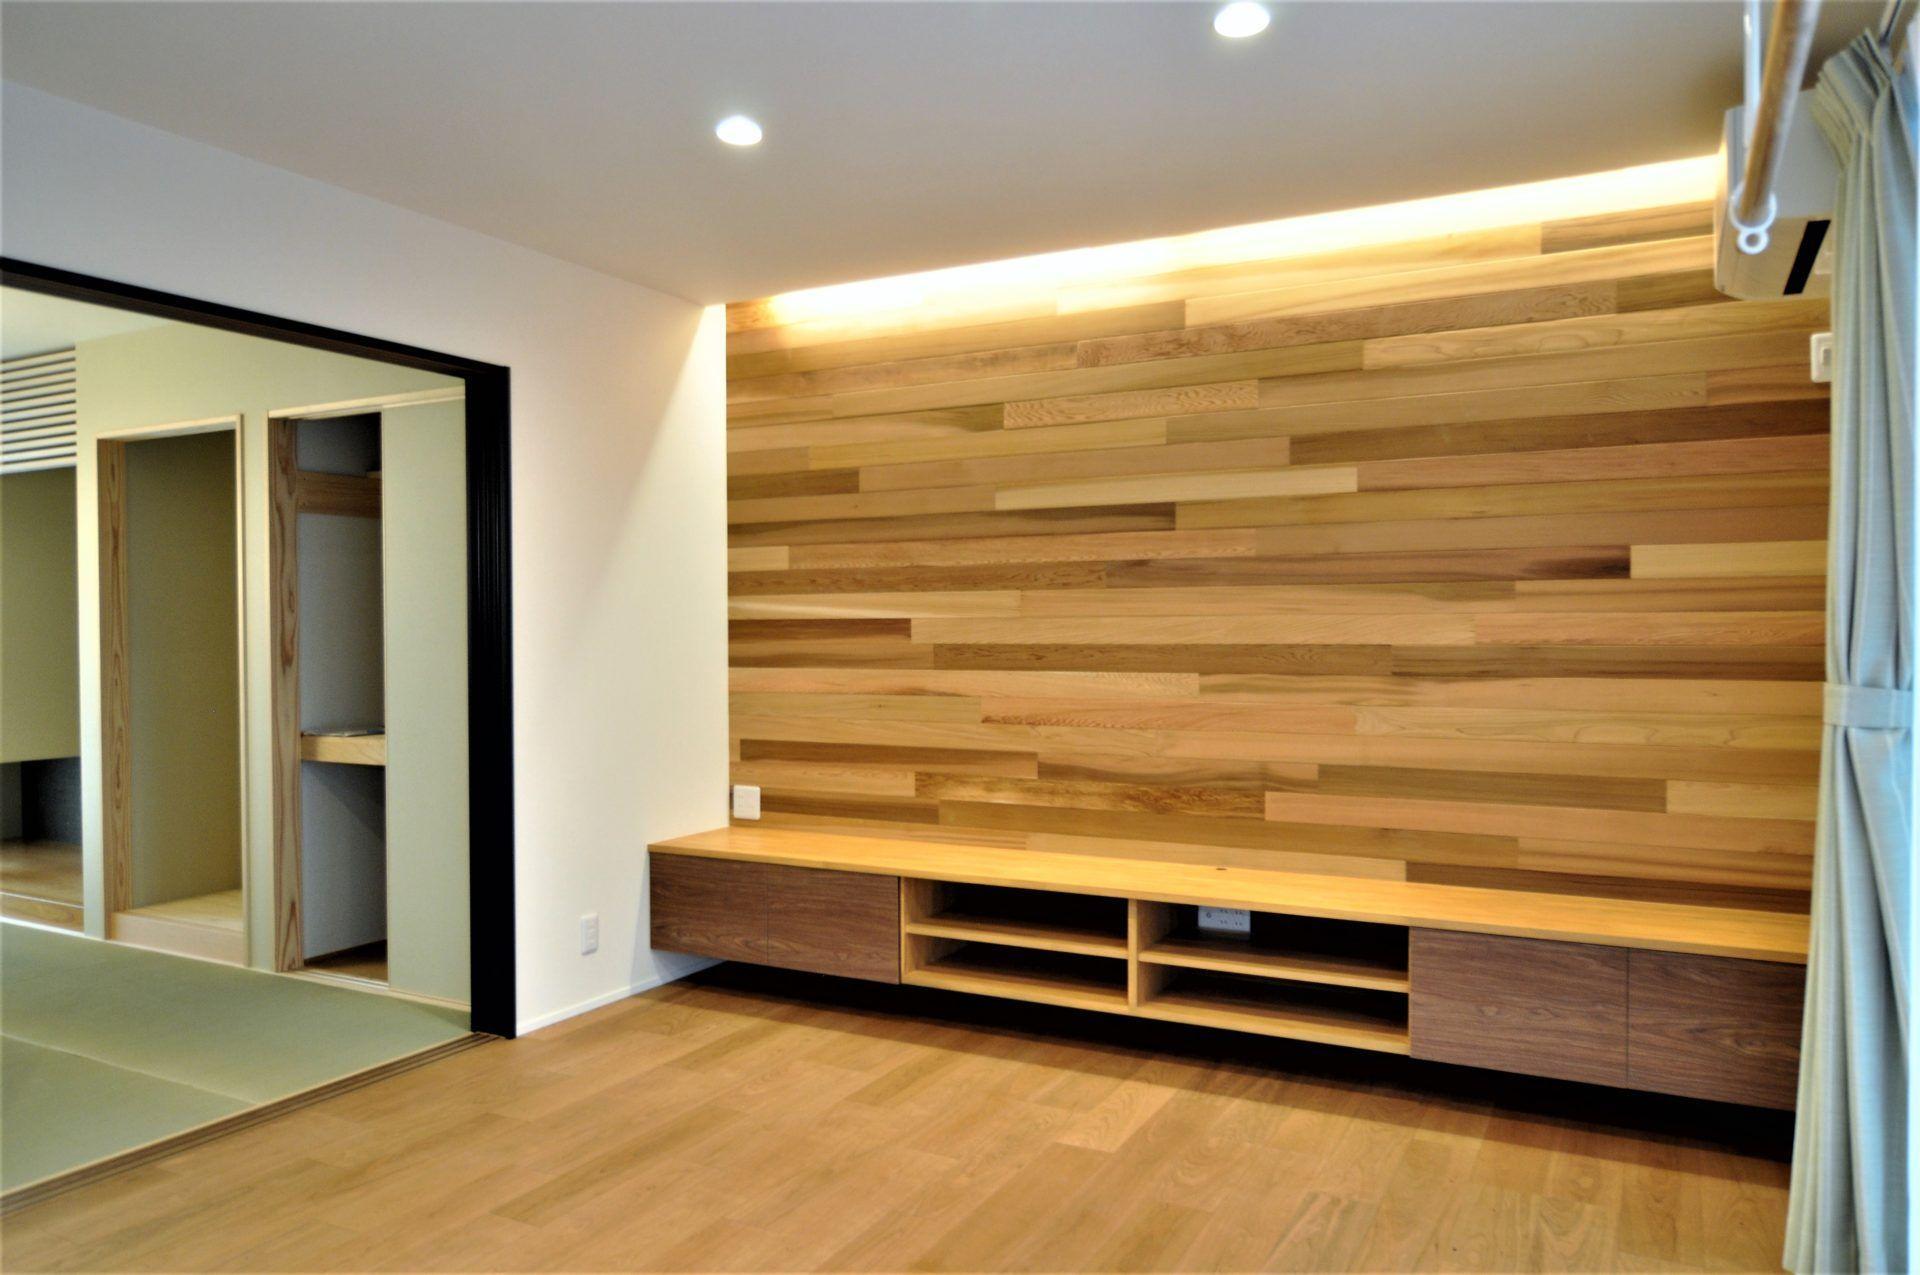 有限会社 市川建築店 1級建築士事務所「三条市 O様邸」のシンプル・ナチュラル・モダンなリビング・ダイニングの実例写真